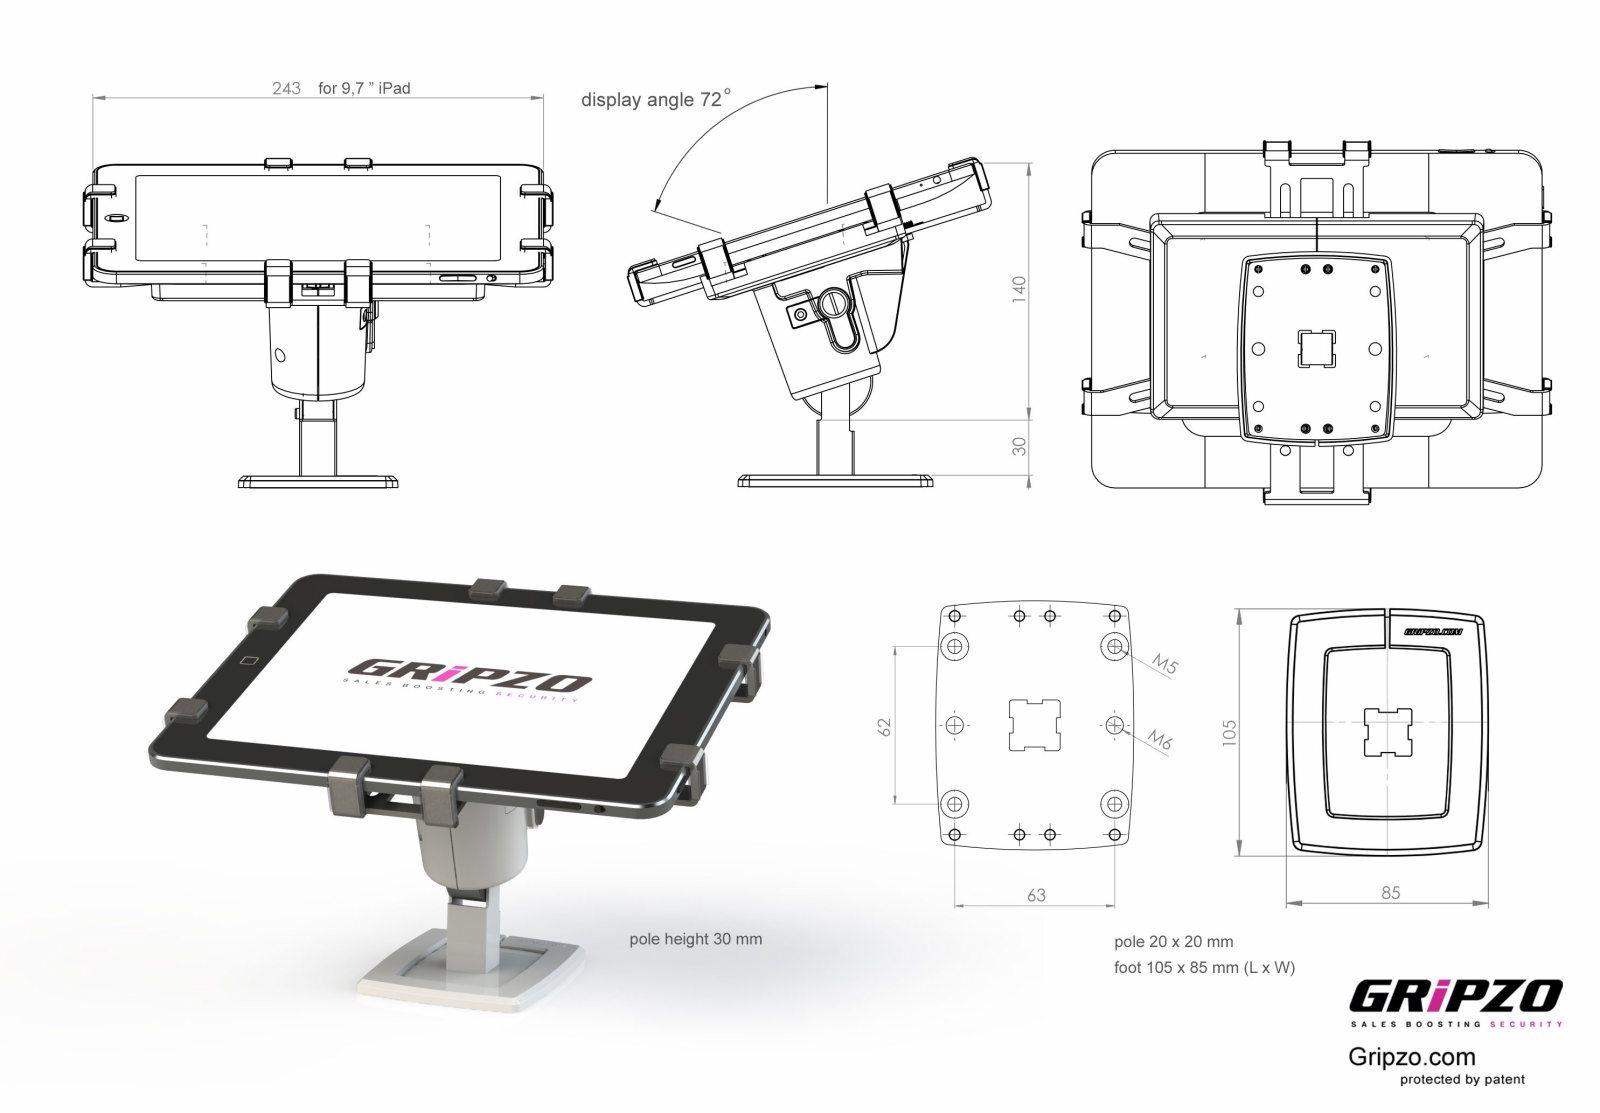 gripzo-tablet-shopfitter-installation-120314.jpg